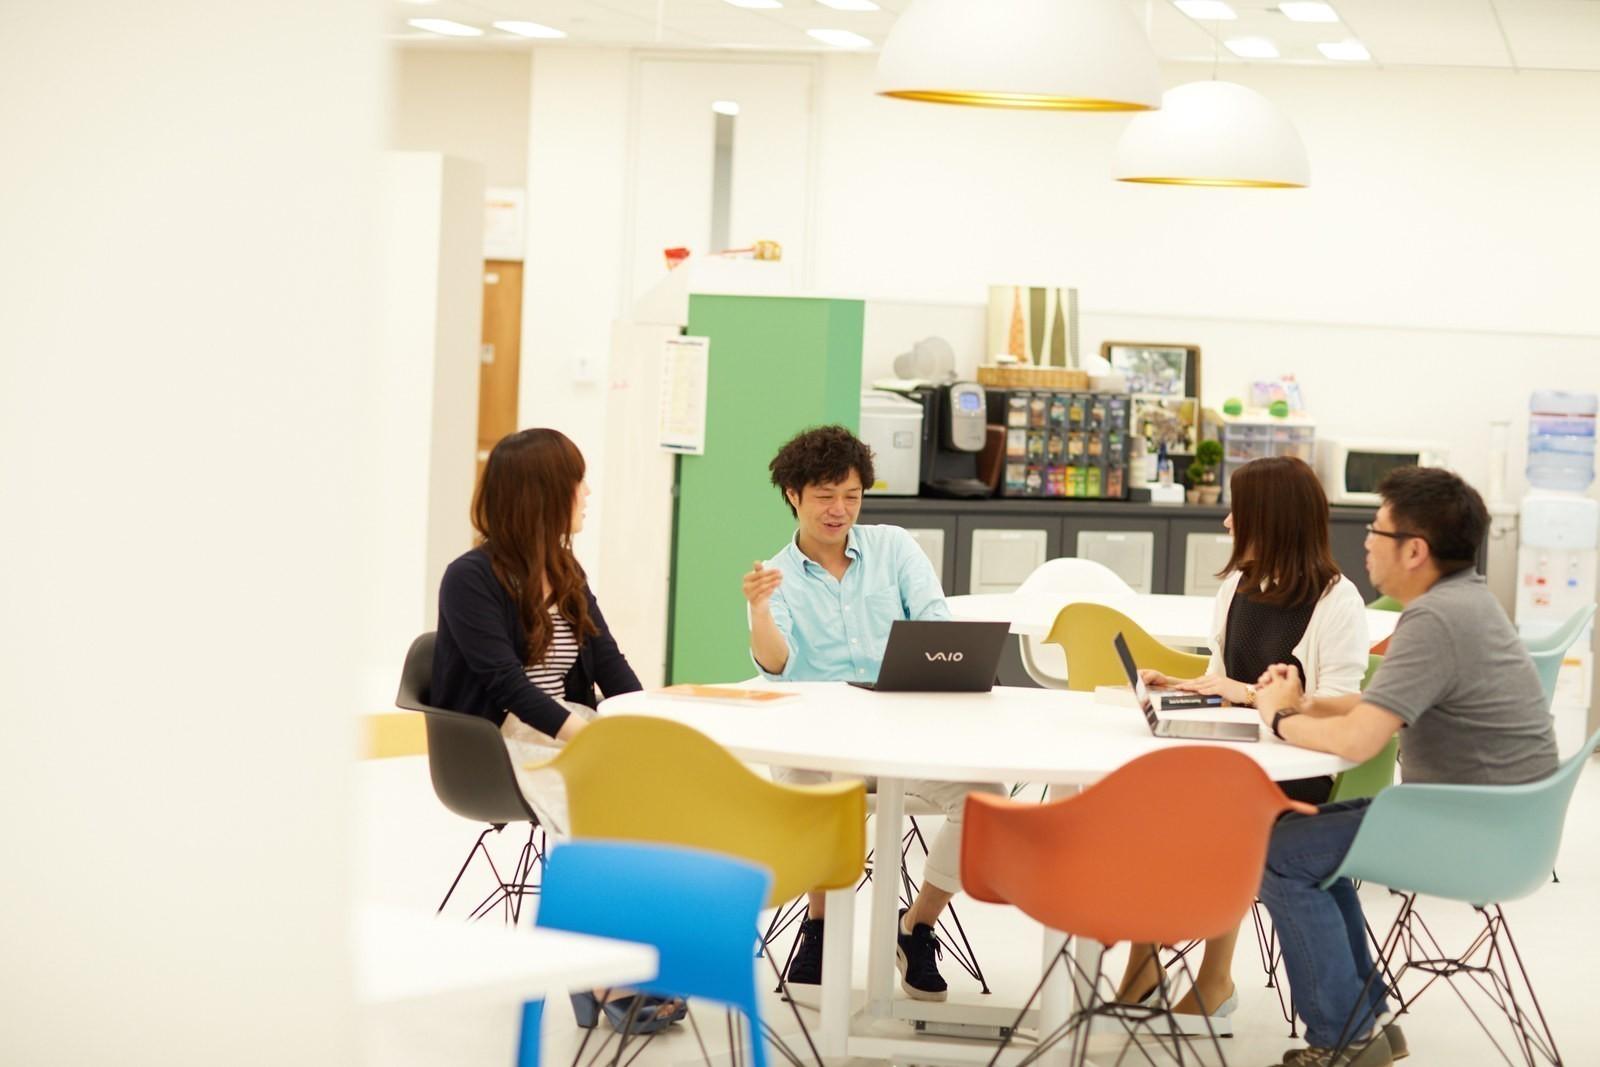 【大阪】中小企業の業務効率化を支援するラクスが開発エンジニアを募集!